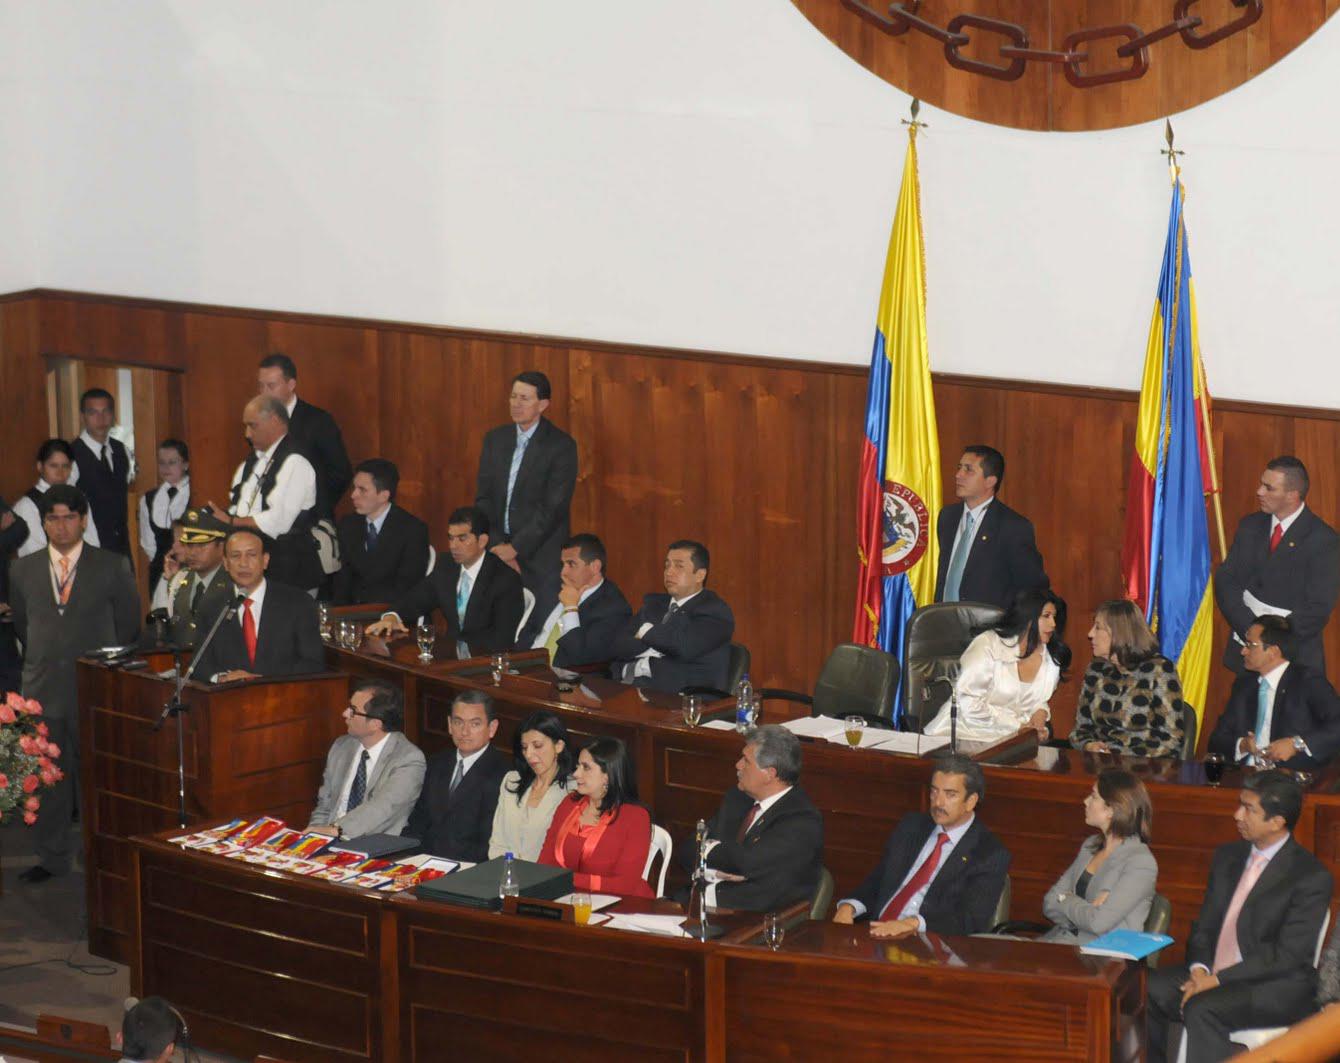 Duma de Cundinamarca